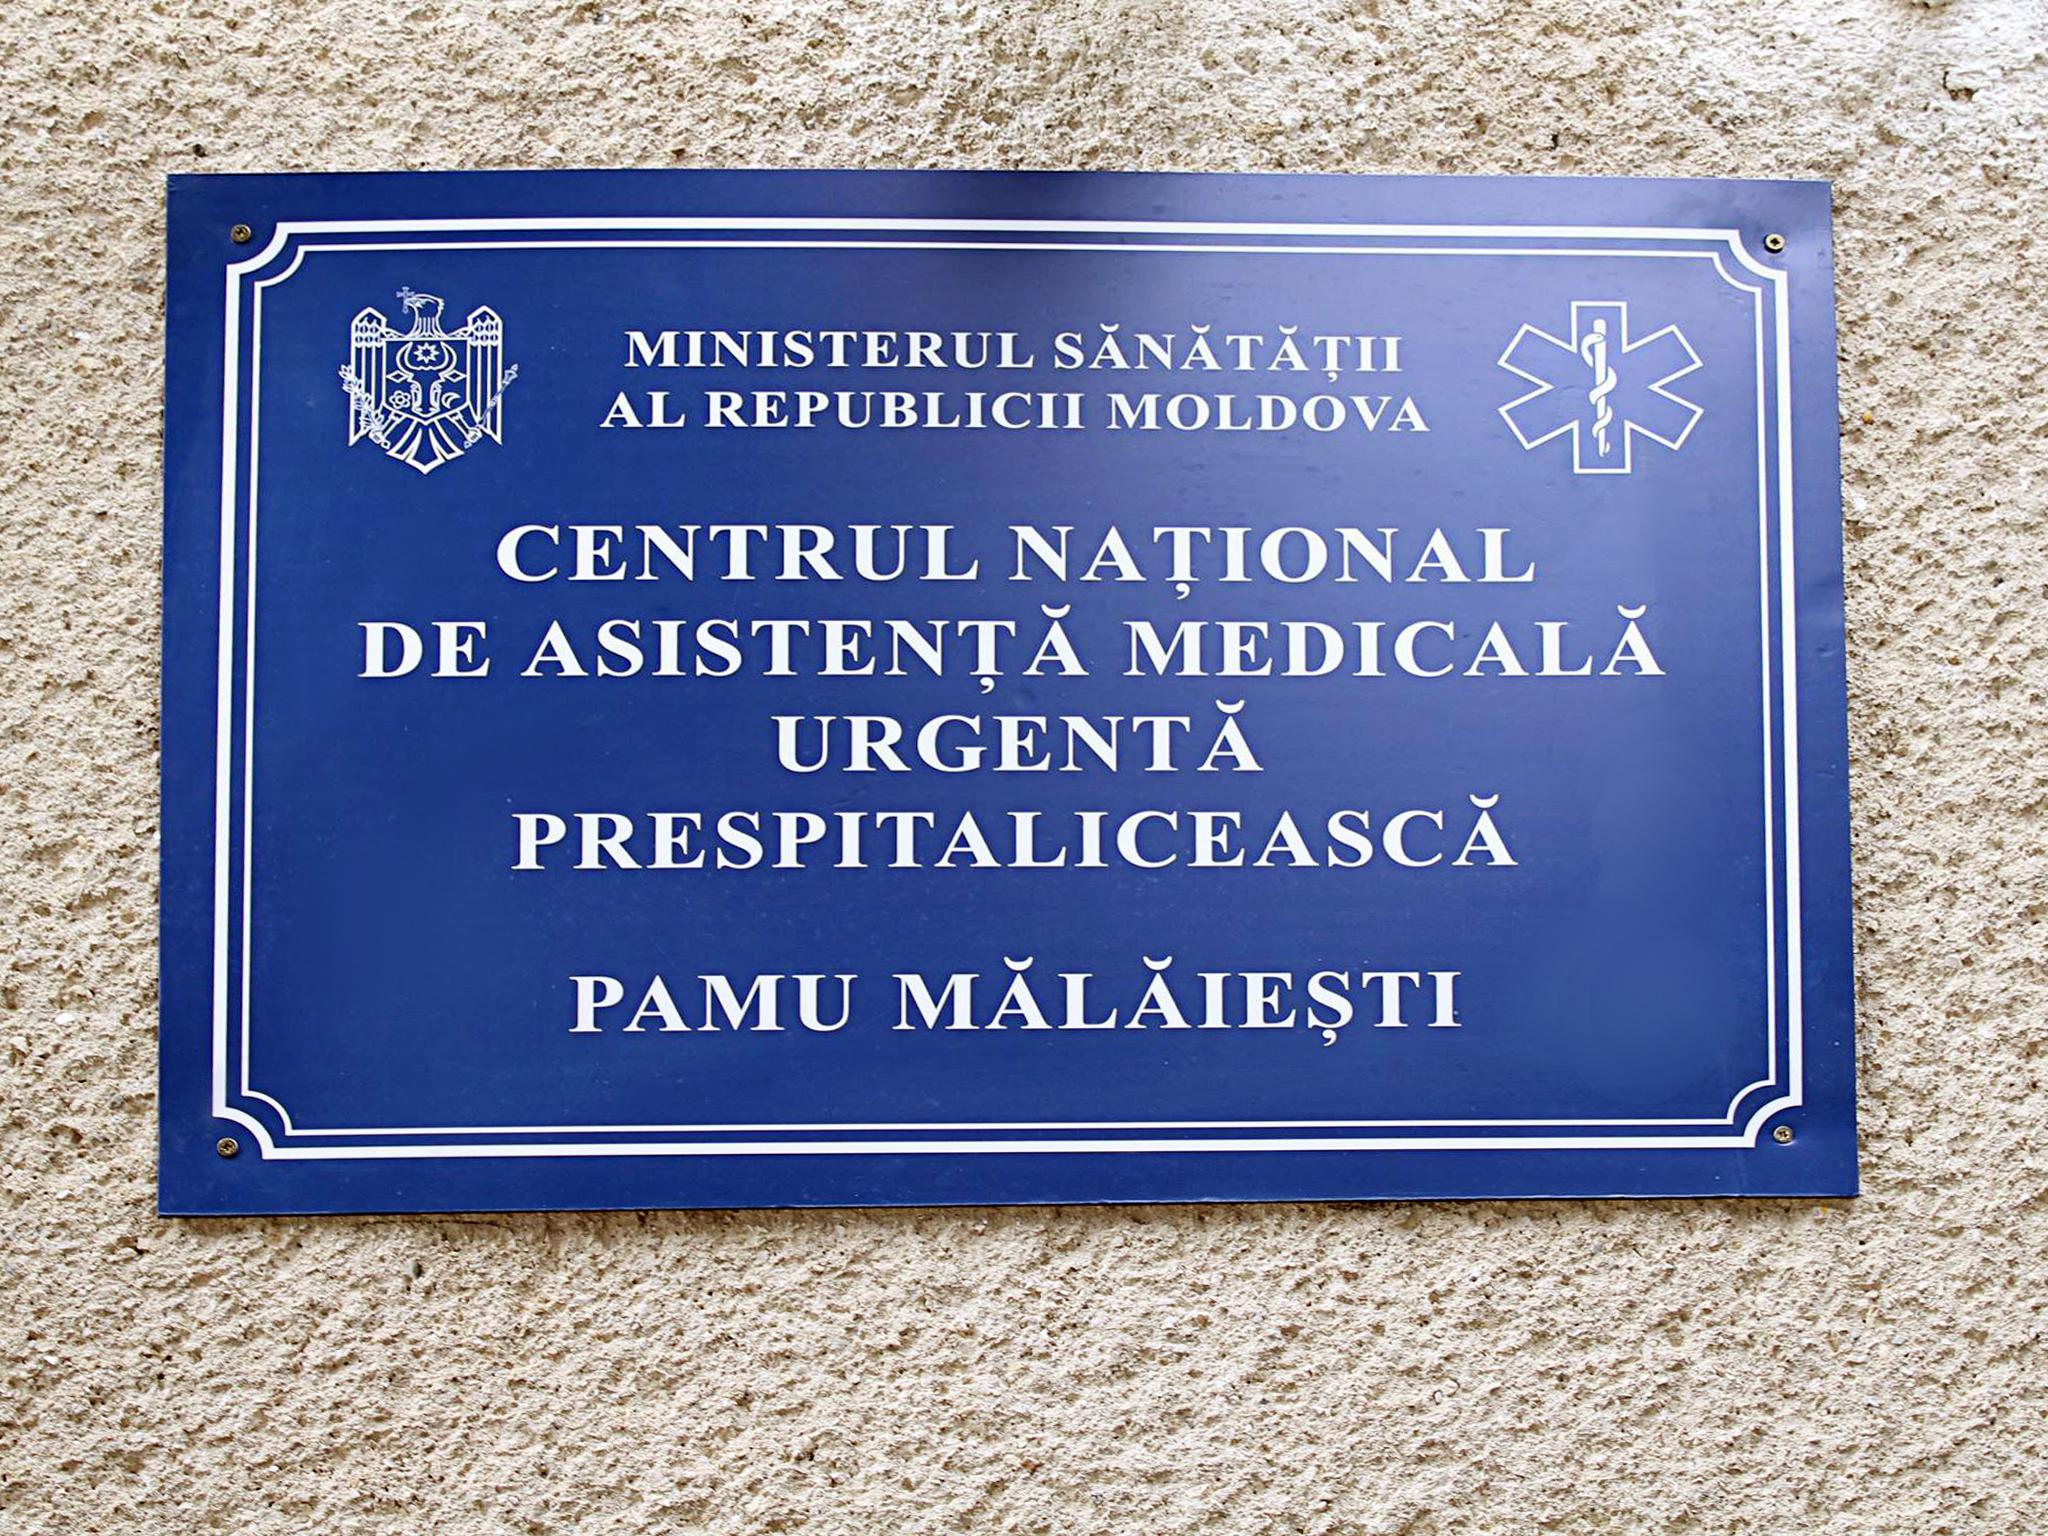 În localitatea Mălăiești, r-nul Orhei a fost deschis un punct de asistență medicală urgentă